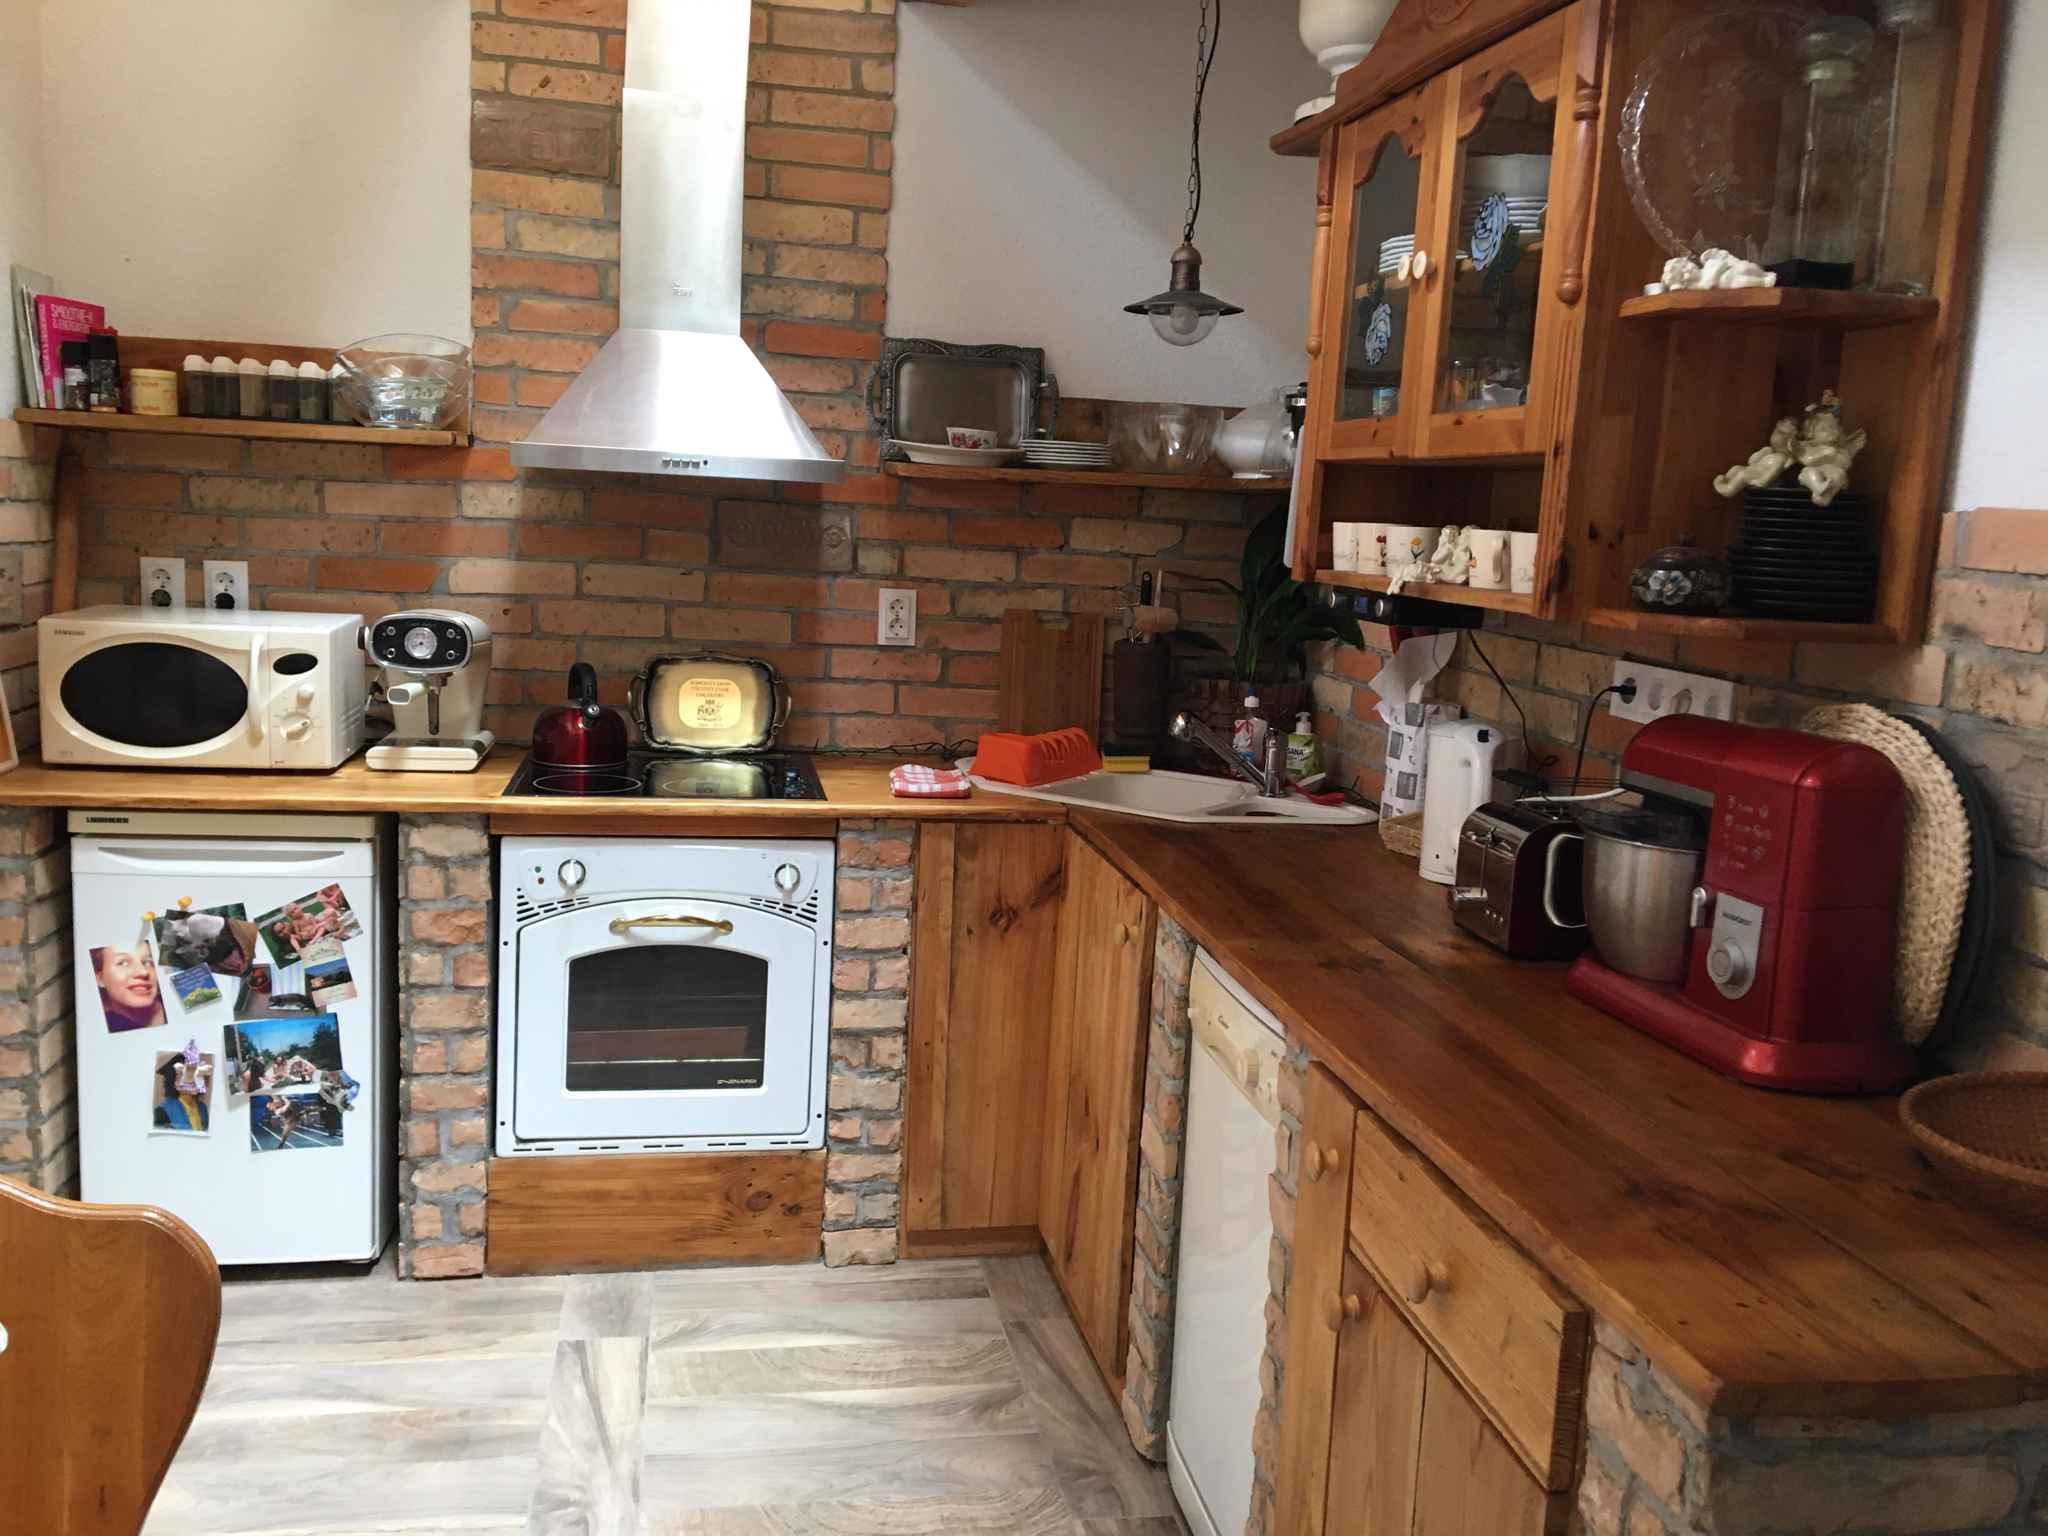 Ferienhaus renoviertes Bauernhaus mit Klimaanlage  Ferienhaus in Ungarn